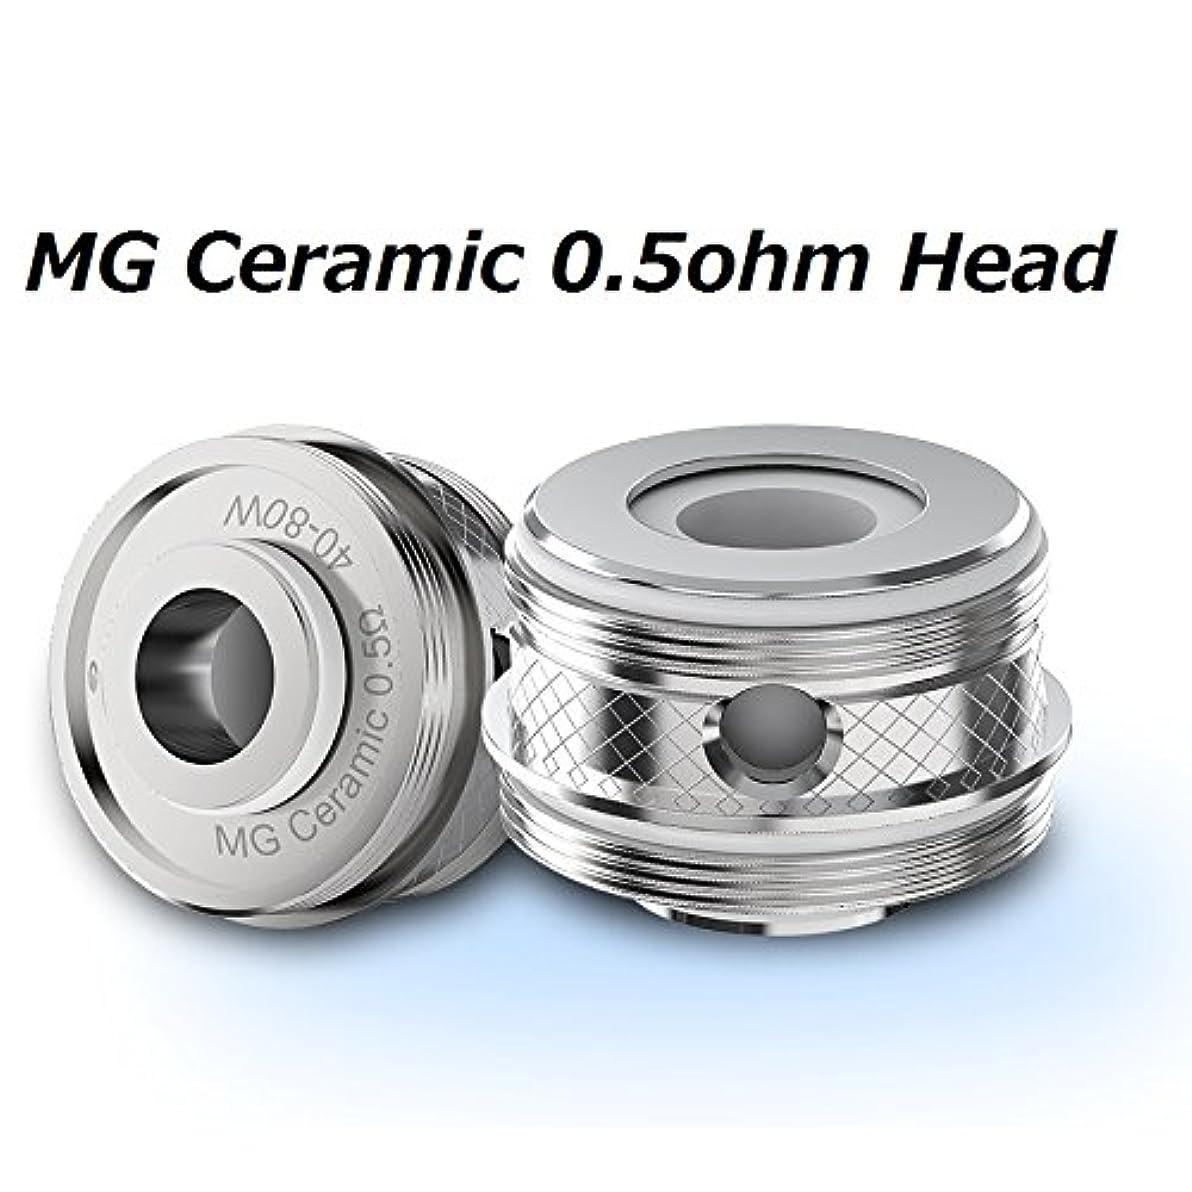 重要欺く置くためにパックJoyetech MG Ceramic 0.5ohm Head セラミックコイル ULTIMO用 (5pcs)